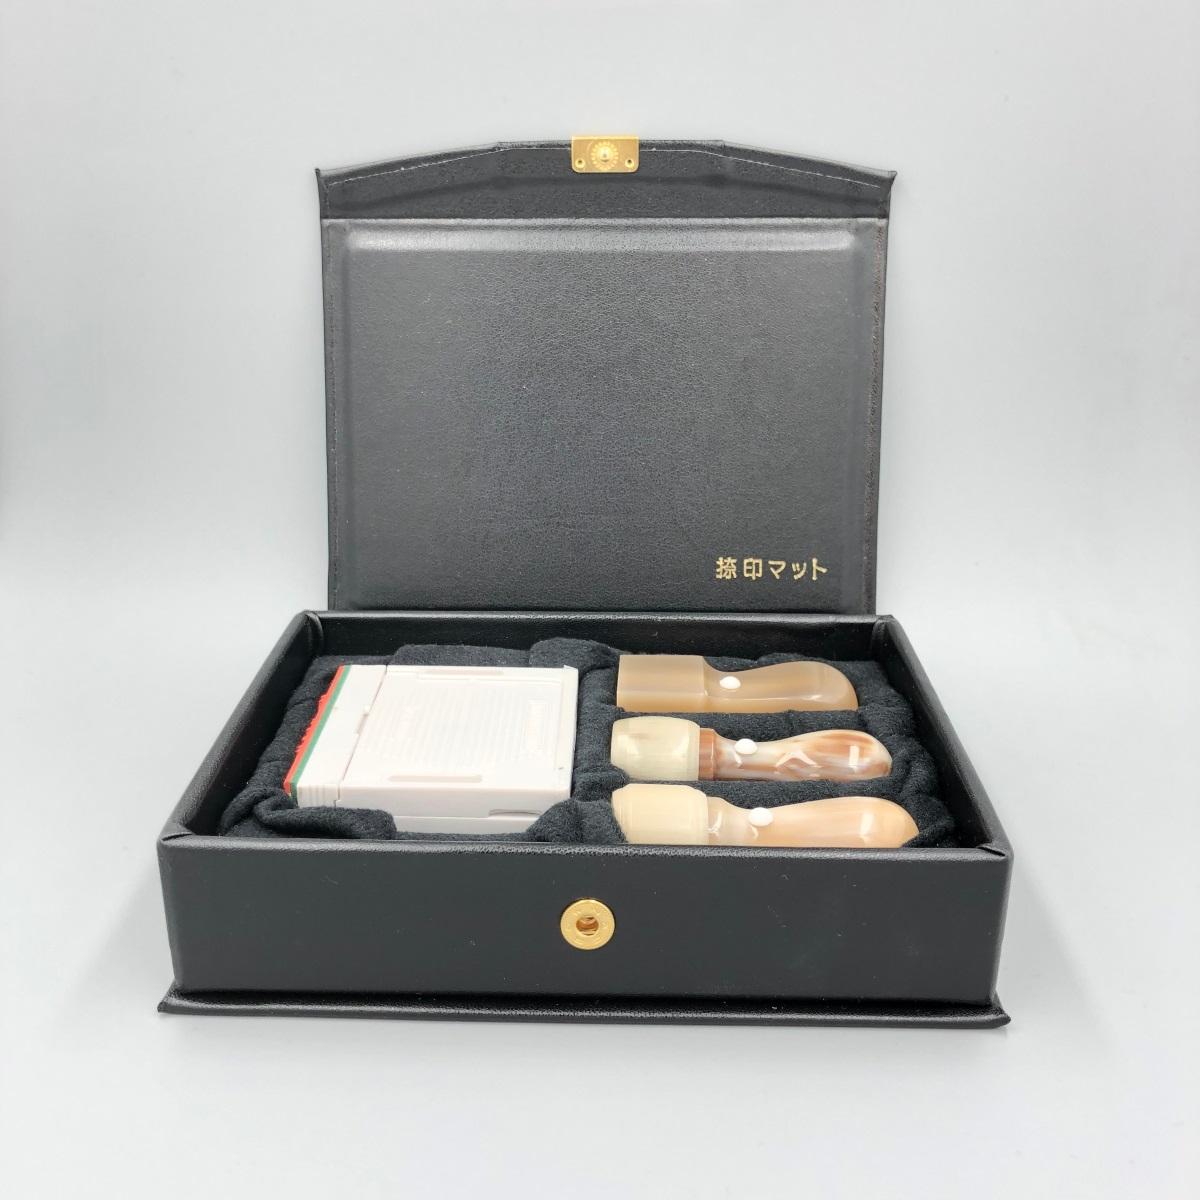 会社設立3本セットC牛角24mm+ゴム印